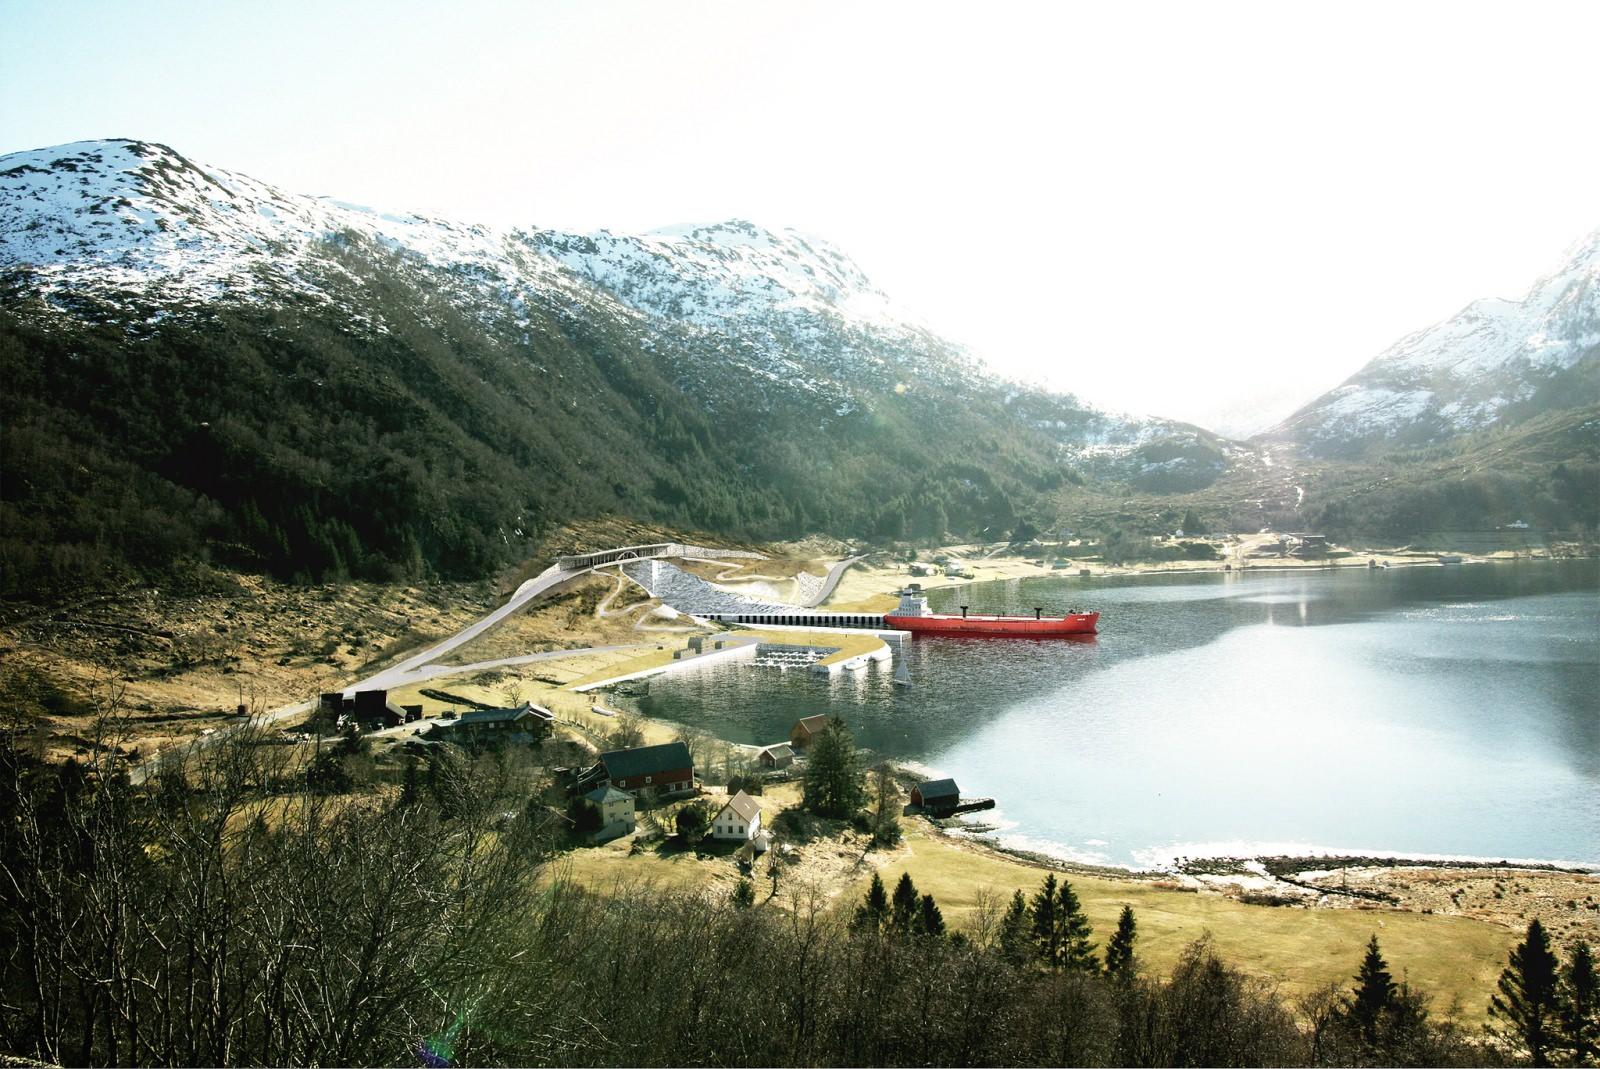 Schiffstunnel in Norwegen Tunnel für Schiffe stad skipstunnel